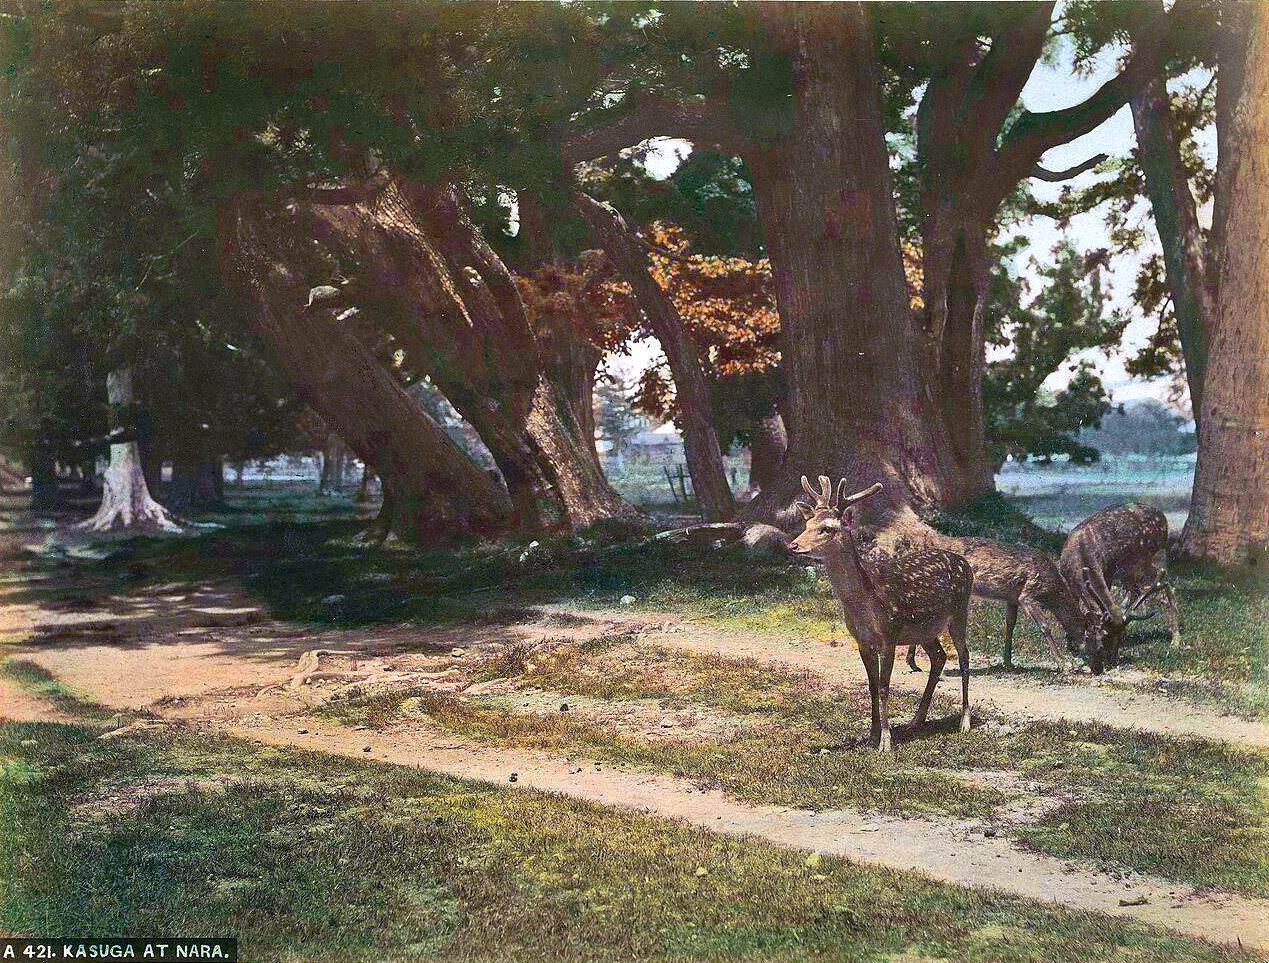 1870 Kasuga at Nara.jpg